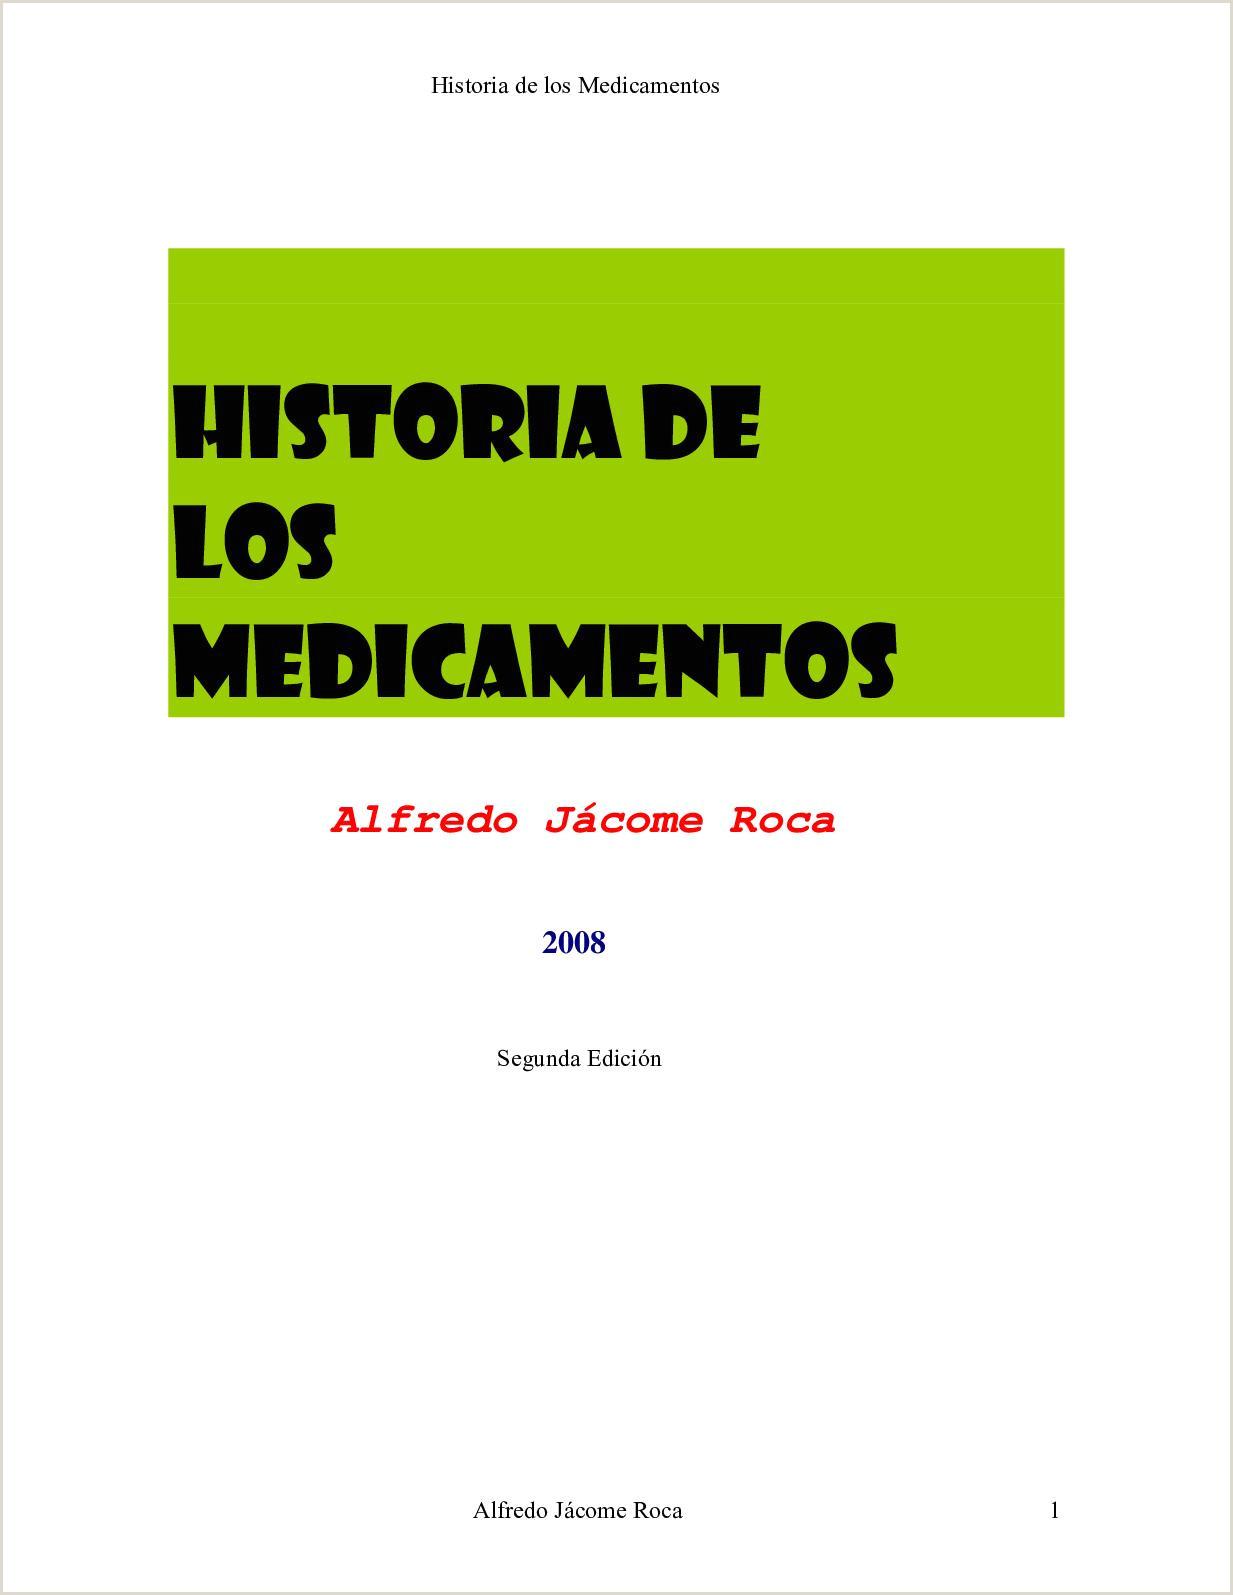 Formato Unico Hoja De Vida Sed Bogota Calaméo Historia De Los Medicamentos Revista Alfredo